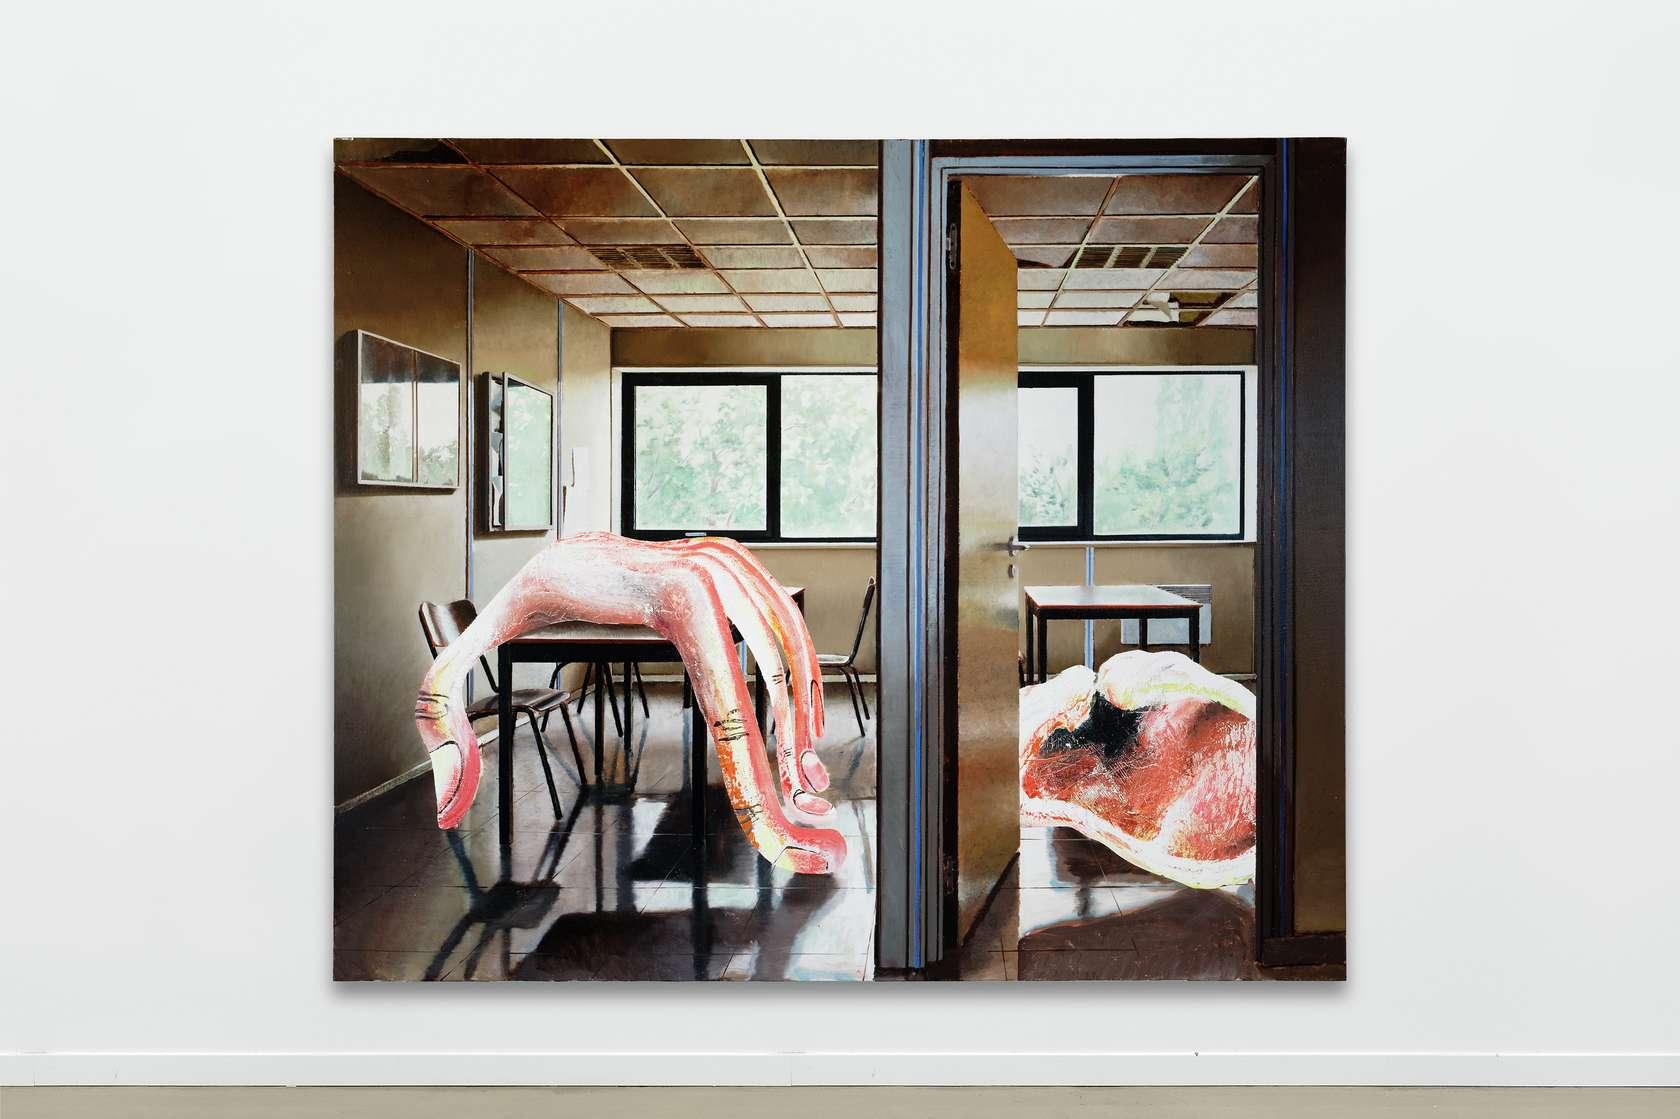 Laurent Proux, Salle de repos, 2018 Huile sur toile200 x 240 cm / 78 6/8 x 94 1/2 inches